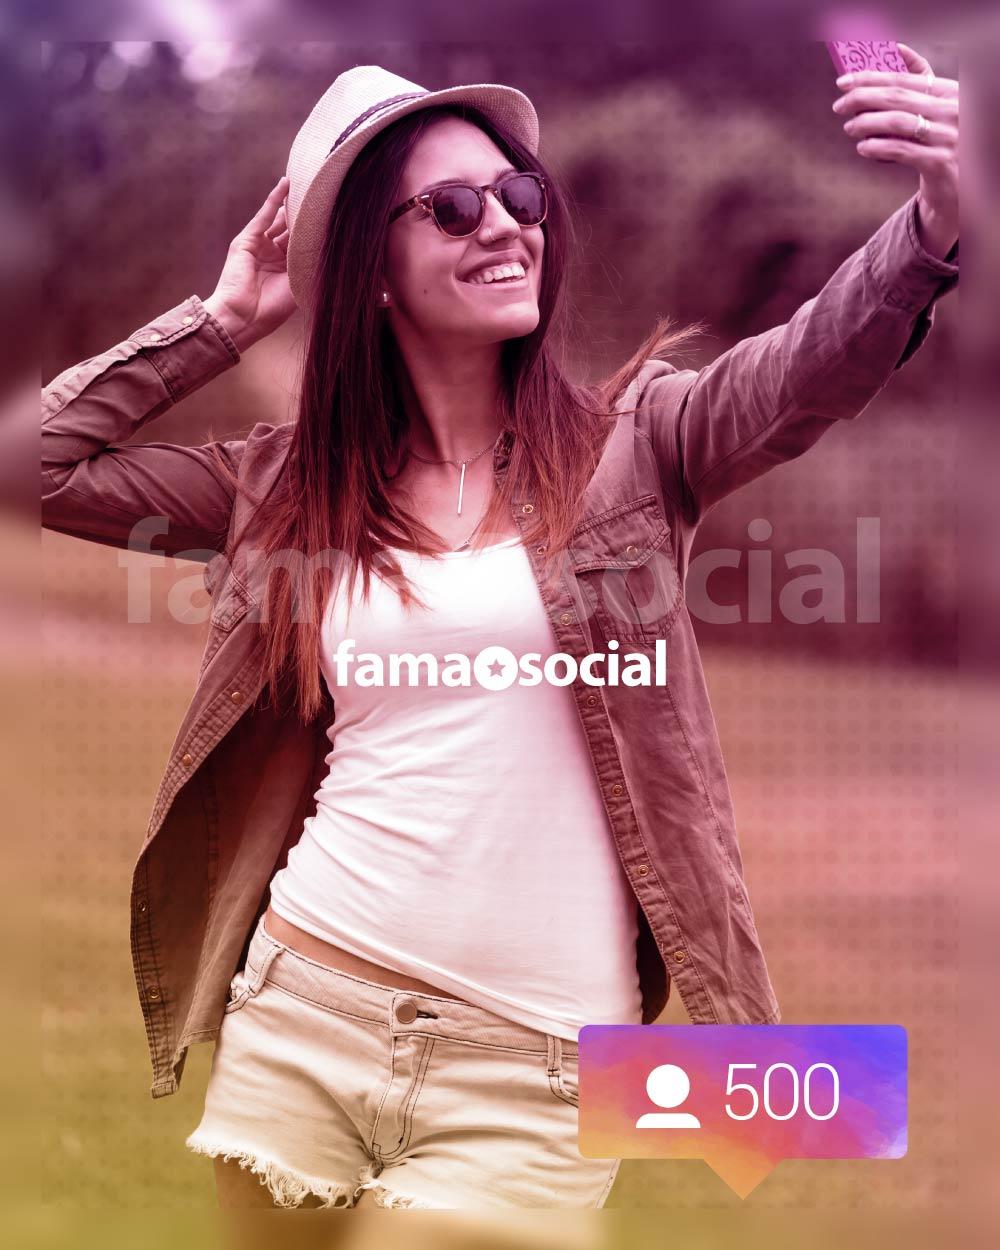 500 seguidores Económicos